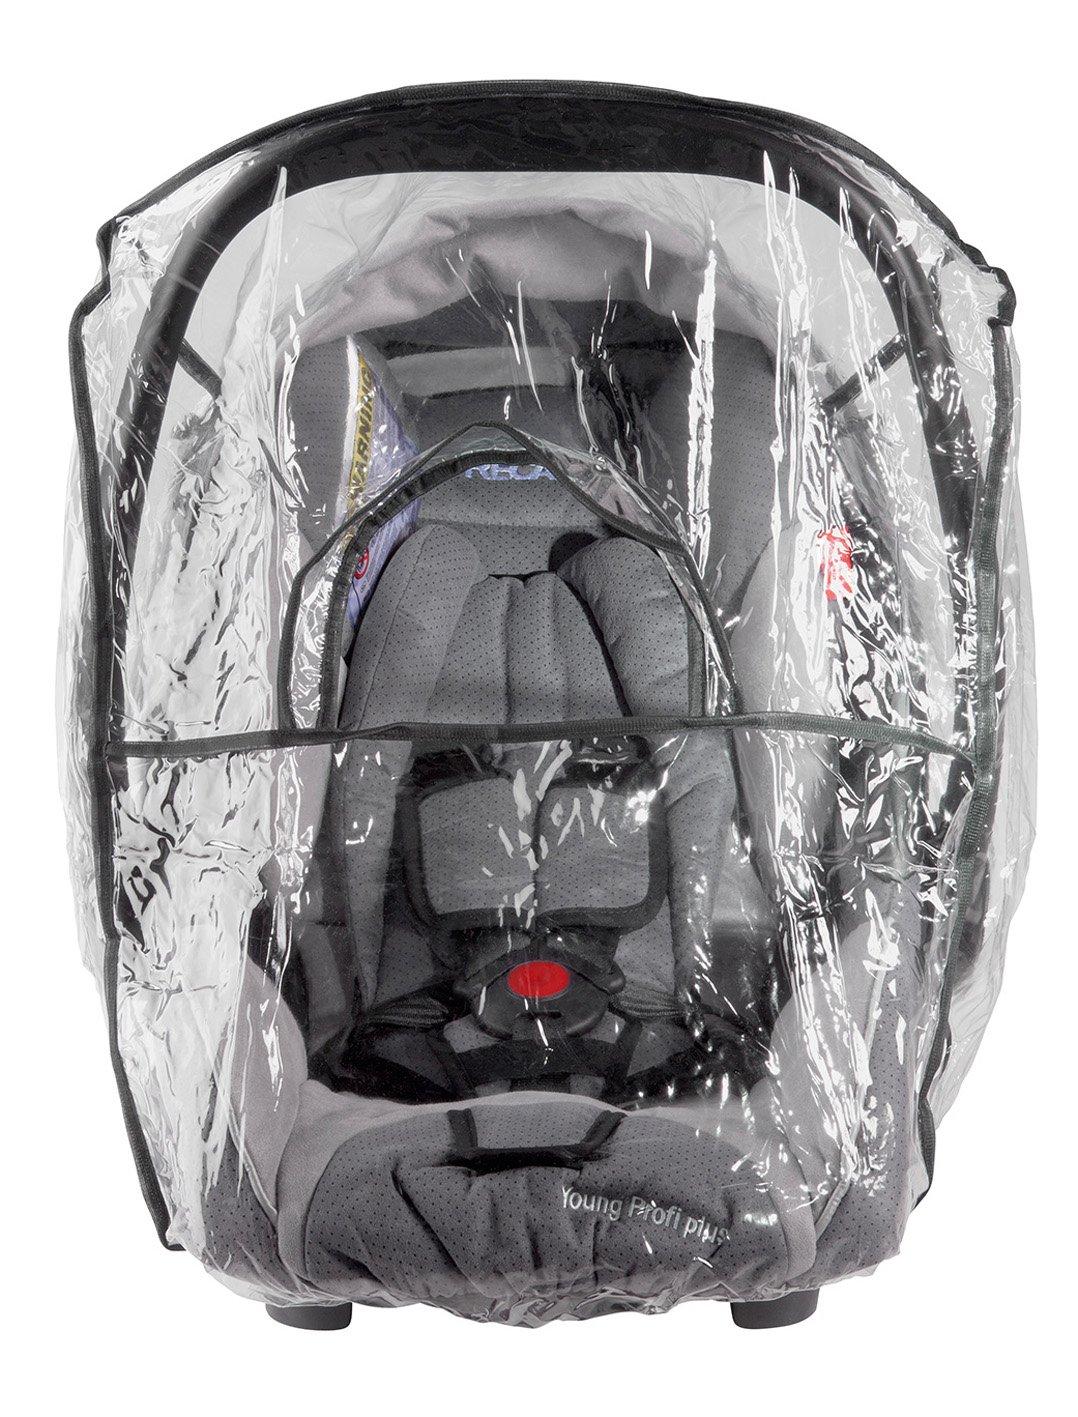 Recaro 381600000 - Protector de lluvia para Young Profi plus (Grupo 0/0+, color transparente opaco) 3816.000.00